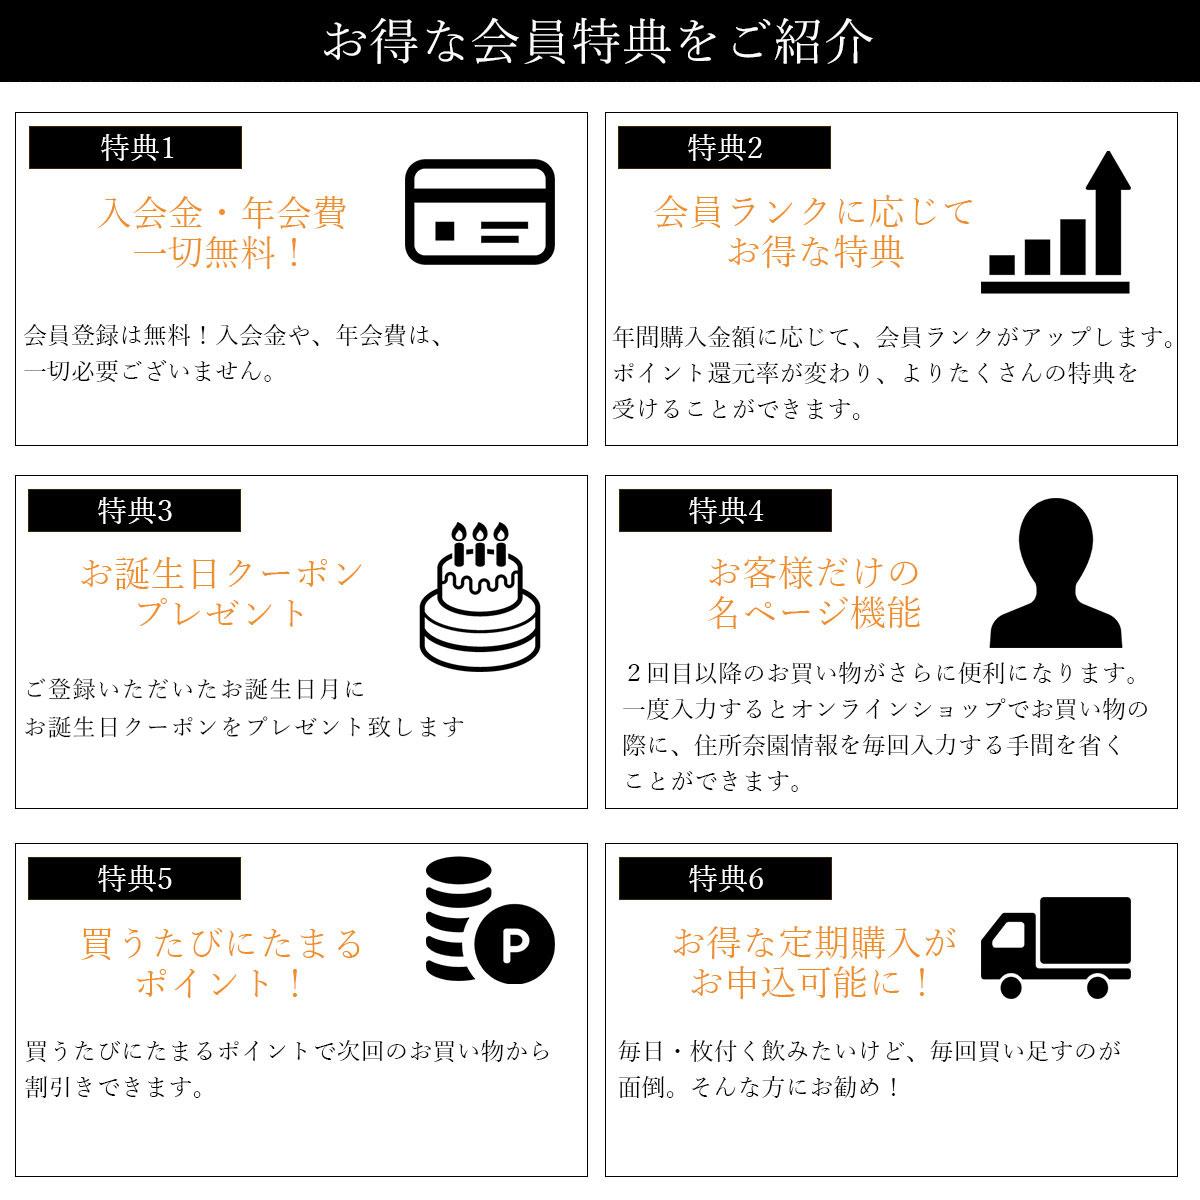 新サイト案内3